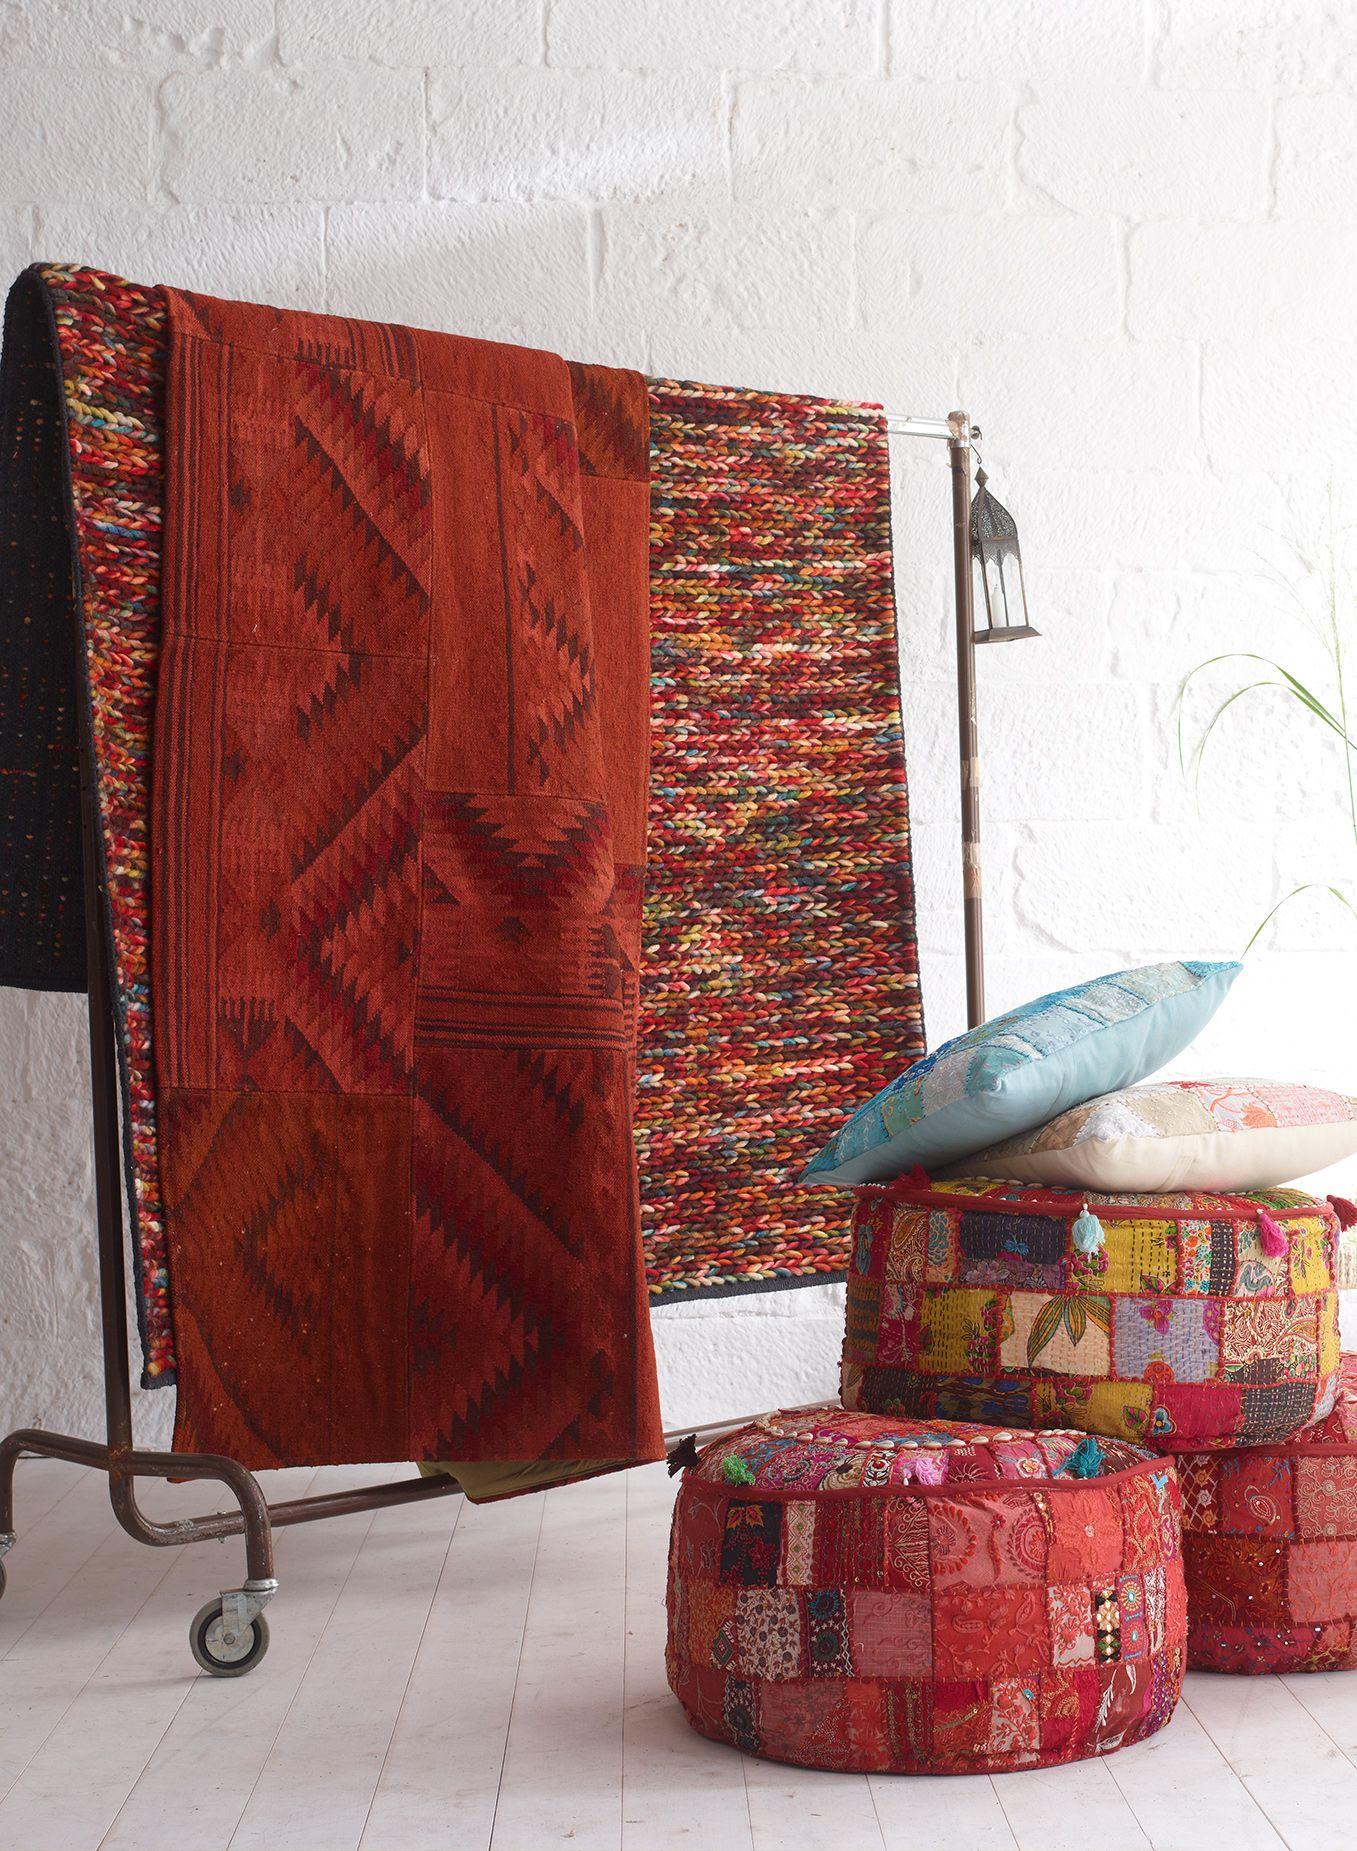 teppich bunt gestrickt wie ein pulli textil pinterest teppich bunt octopus m bel und. Black Bedroom Furniture Sets. Home Design Ideas